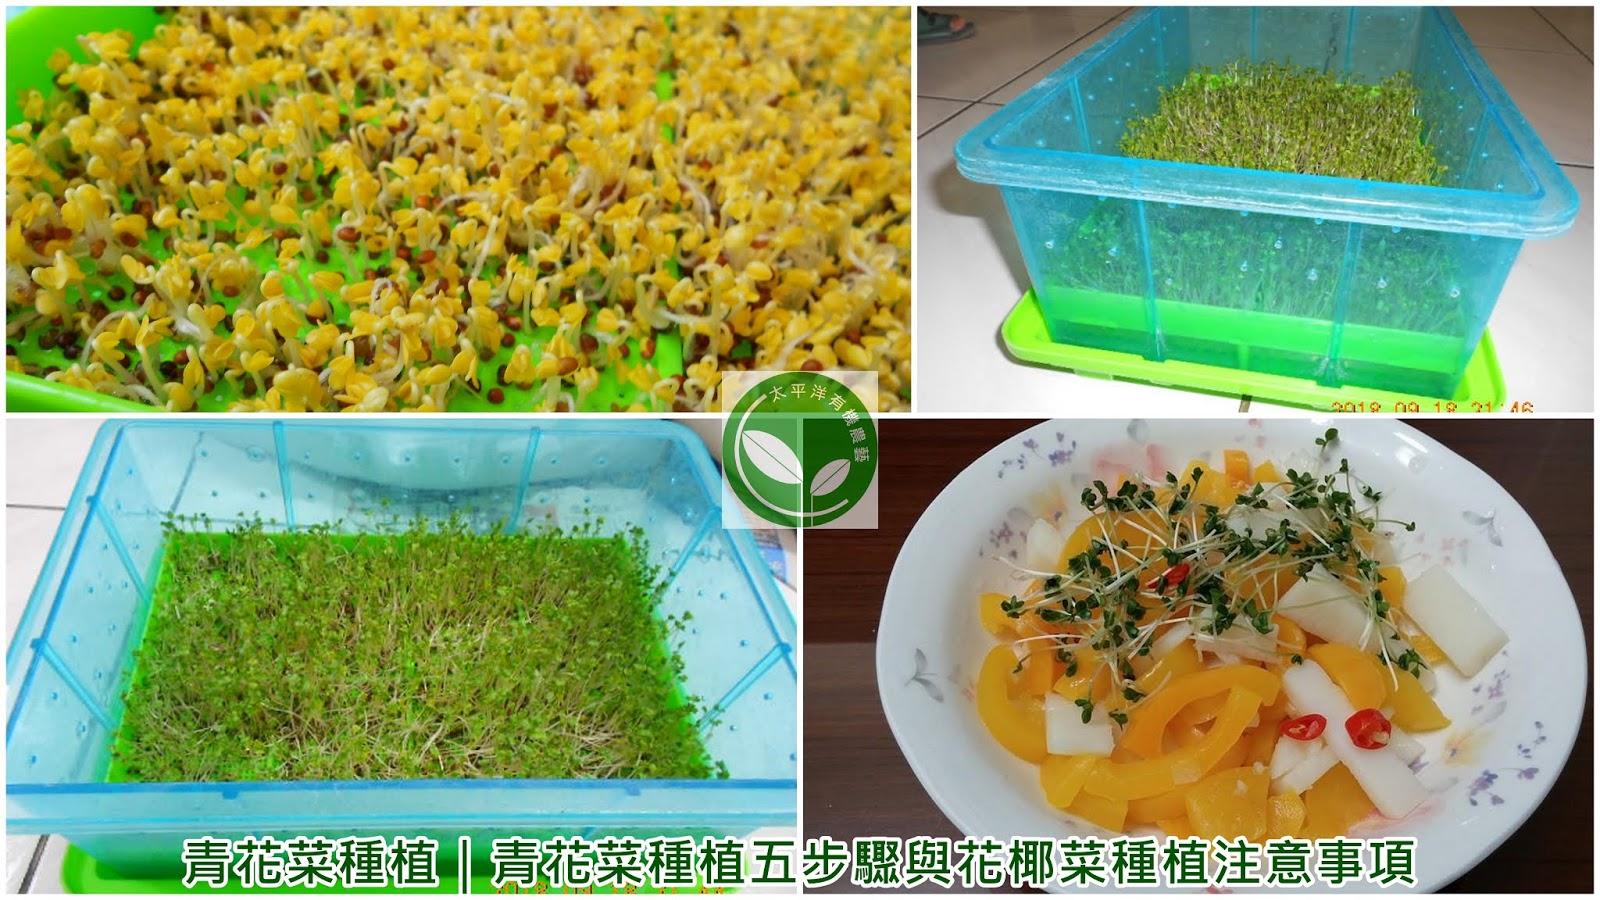 花椰菜種植紀錄,綠花椰營養,西蘭花,青花菜種植,青花菜種植方法,青花菜,青花椰菜種植,綠花椰,綠花椰菜,西蘭花椰菜花